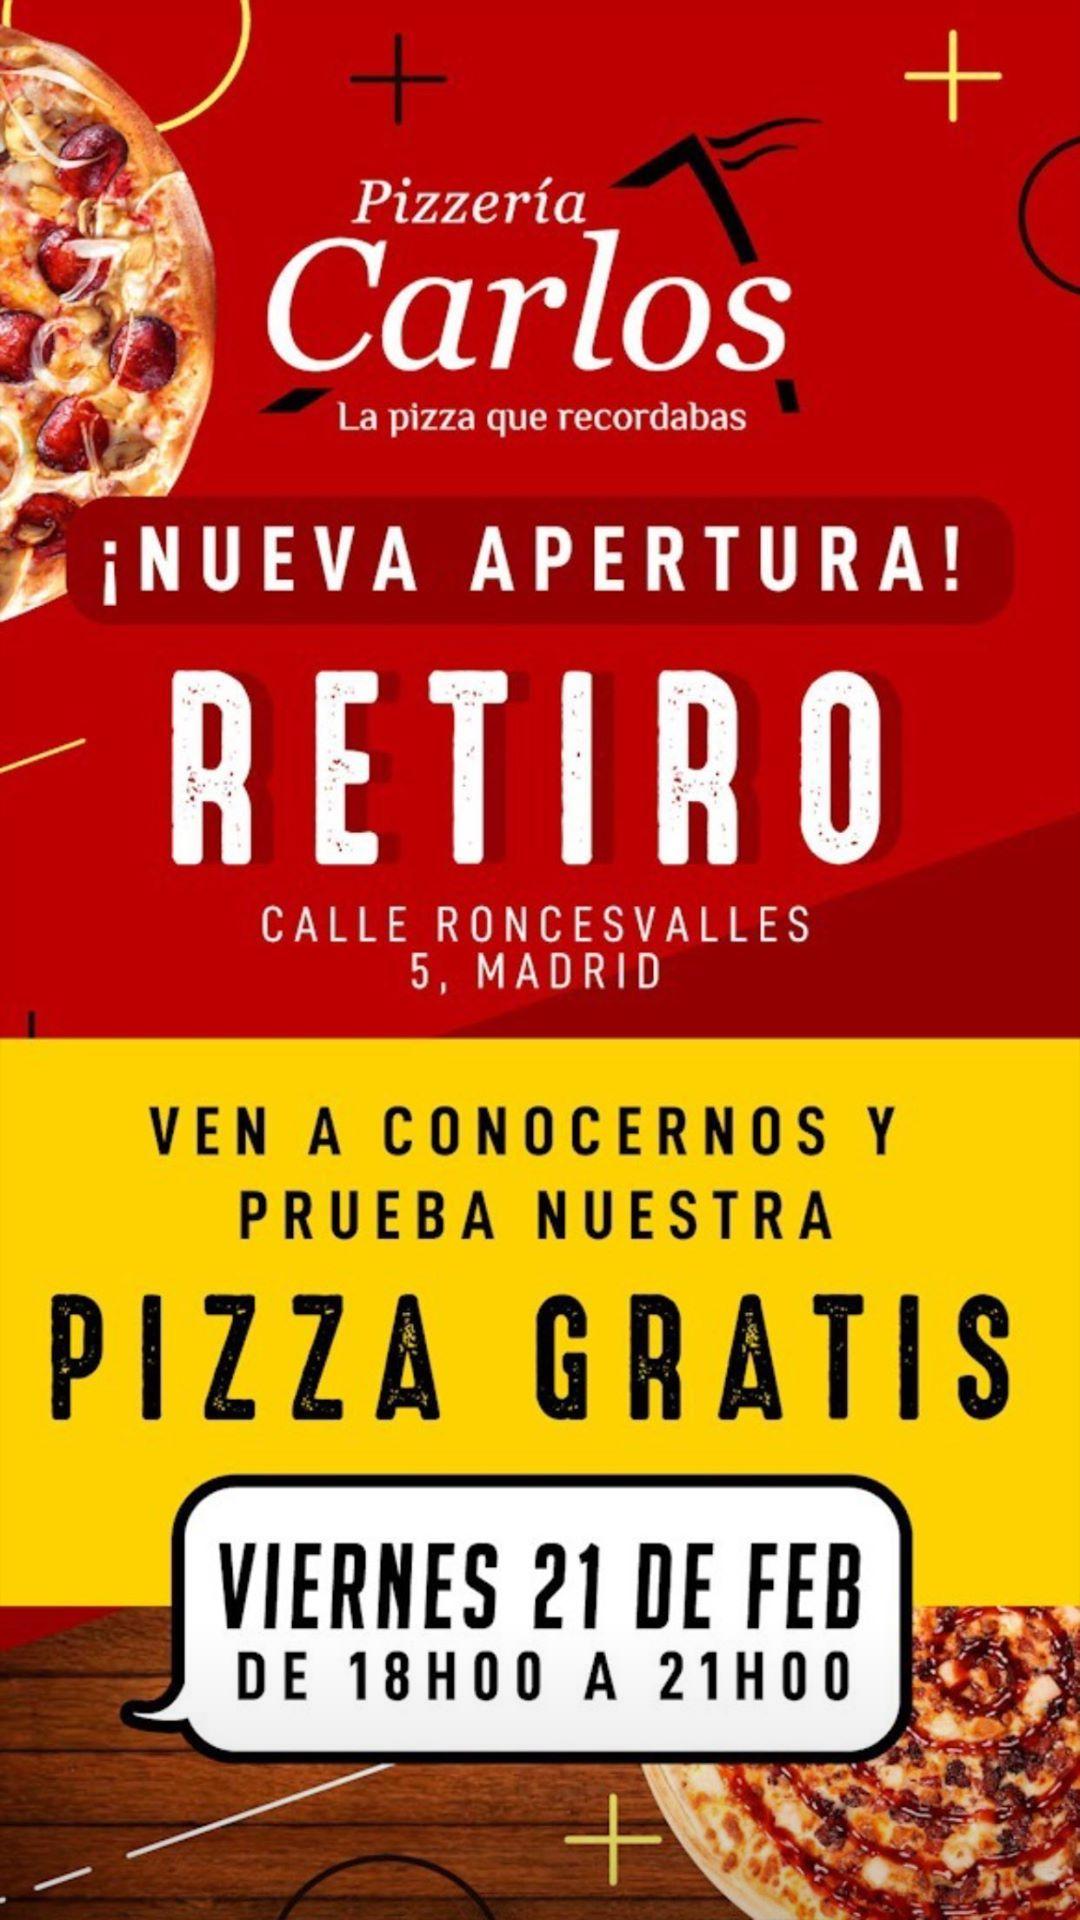 PIZZA GRATIS En el retiro PIZZERIA CARLOS